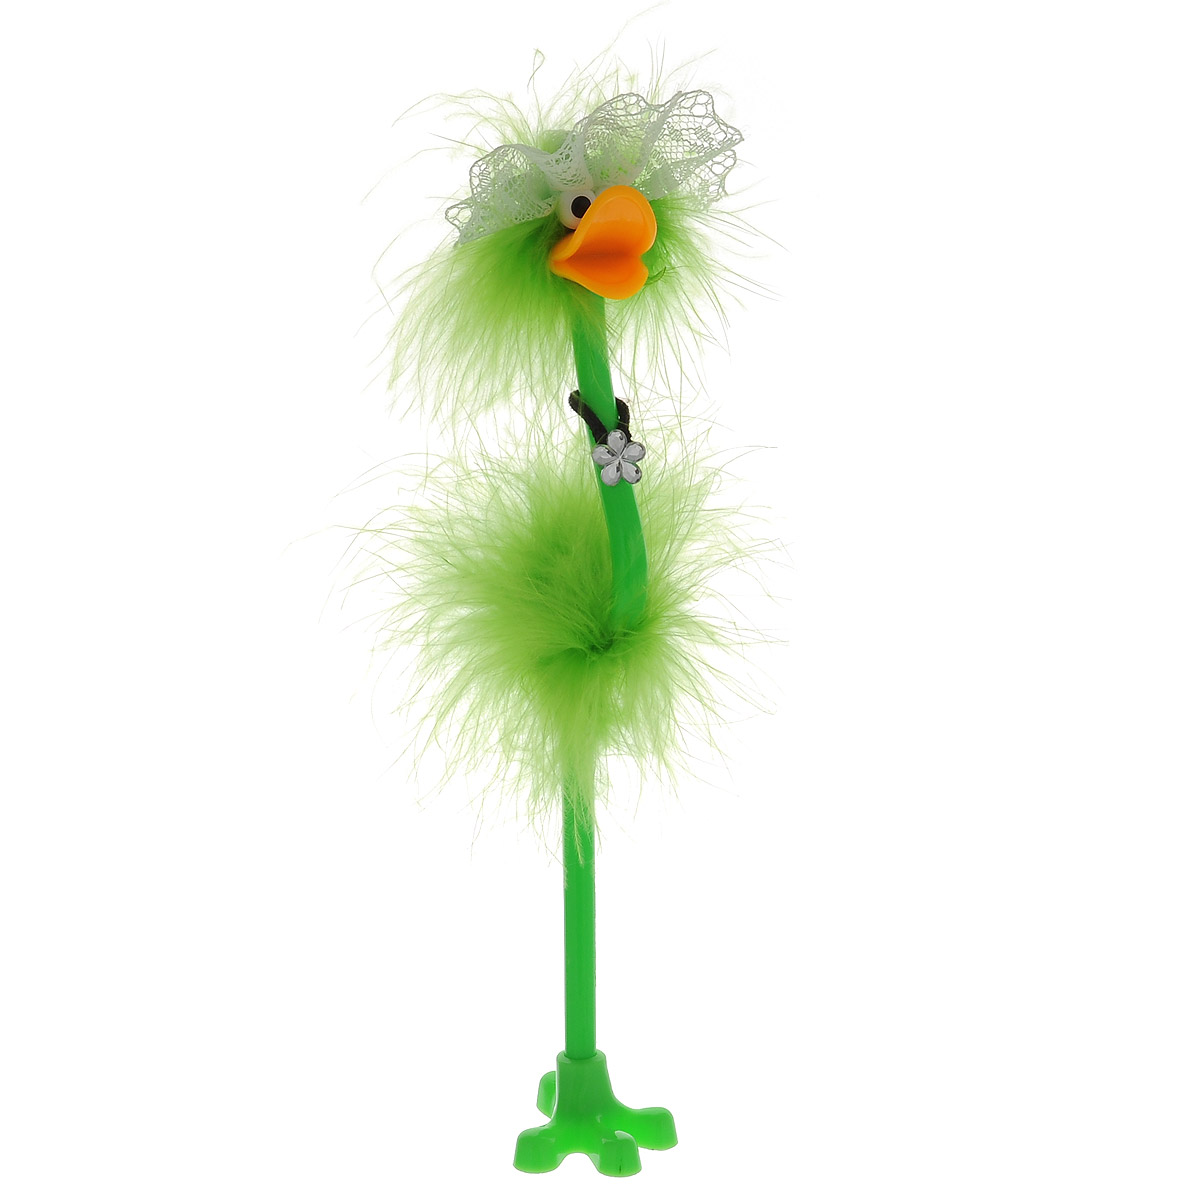 Ручка-игрушка Flamingo, в кружевной шляпке, с подставкой, цвет: салатовый82965_салатовый, шляпкаОригинальная шариковая ручка-игрушка Flamingo станет отличным подарком и незаменимым аксессуаром на вашем рабочем столе. Ручка, украшенная перьями, выполнена в виде забавной птички фламинго в широкополой кружевной шляпке. К ручке прилагается подставка в виде лапки. Такая ручка - это забавный и практичный подарок, она не потеряется среди бумаг и непременно вызовет улыбку окружающих.